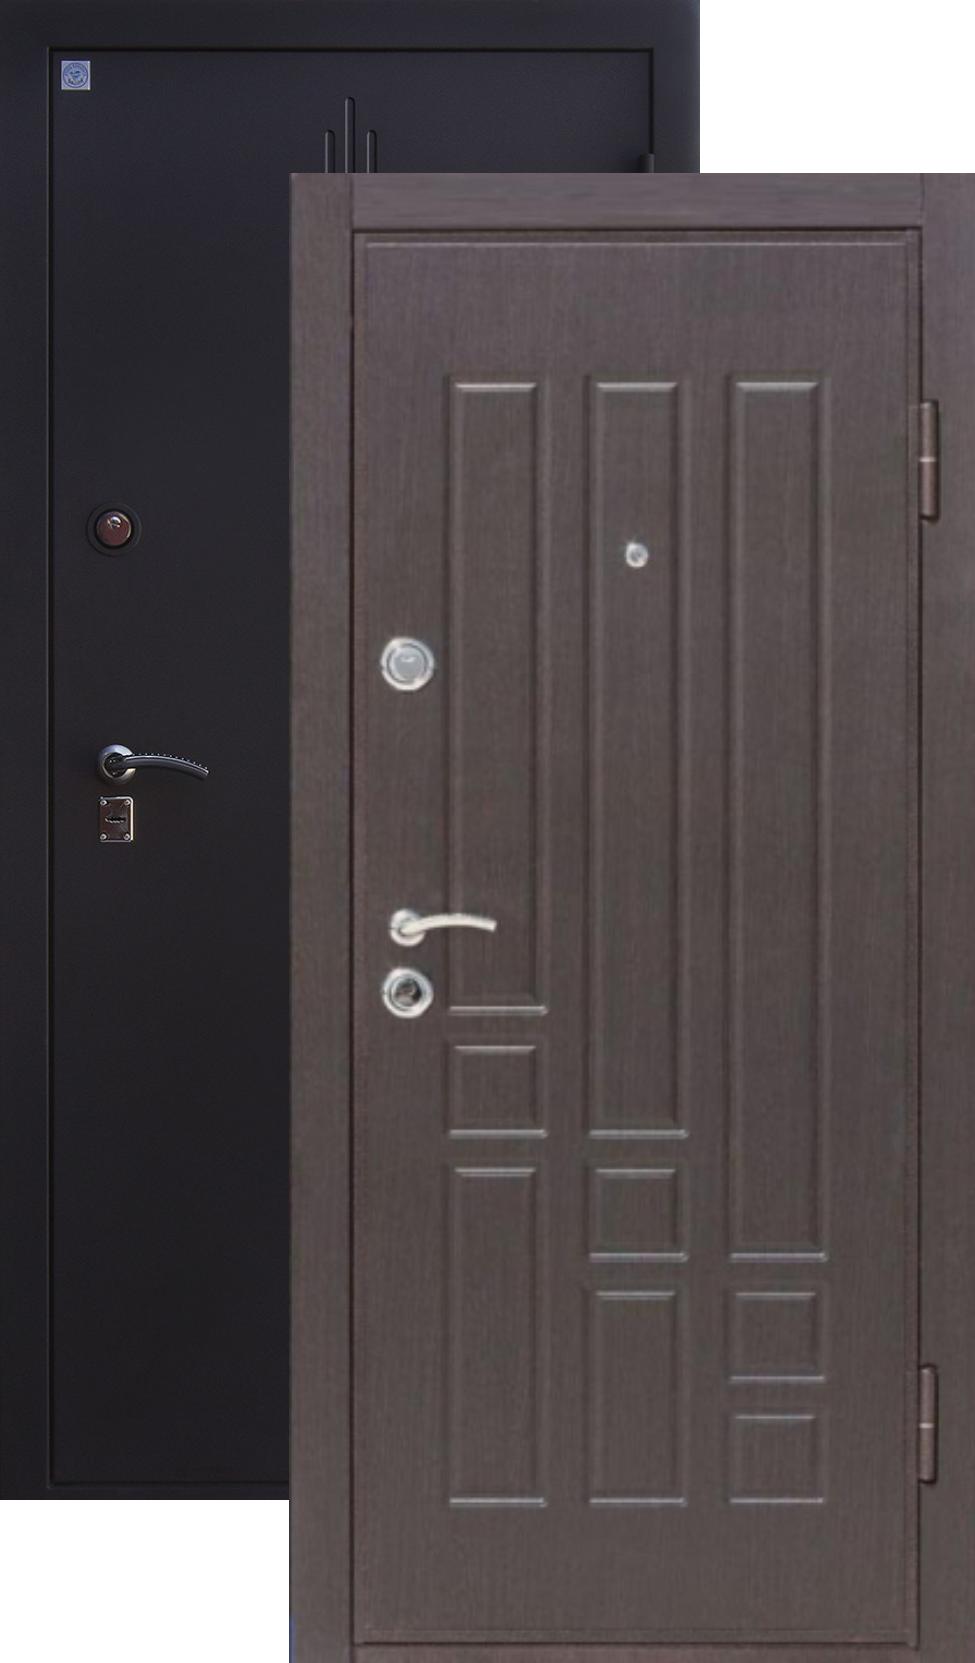 металлическая дверь в квартиру толщина 2 5 мм